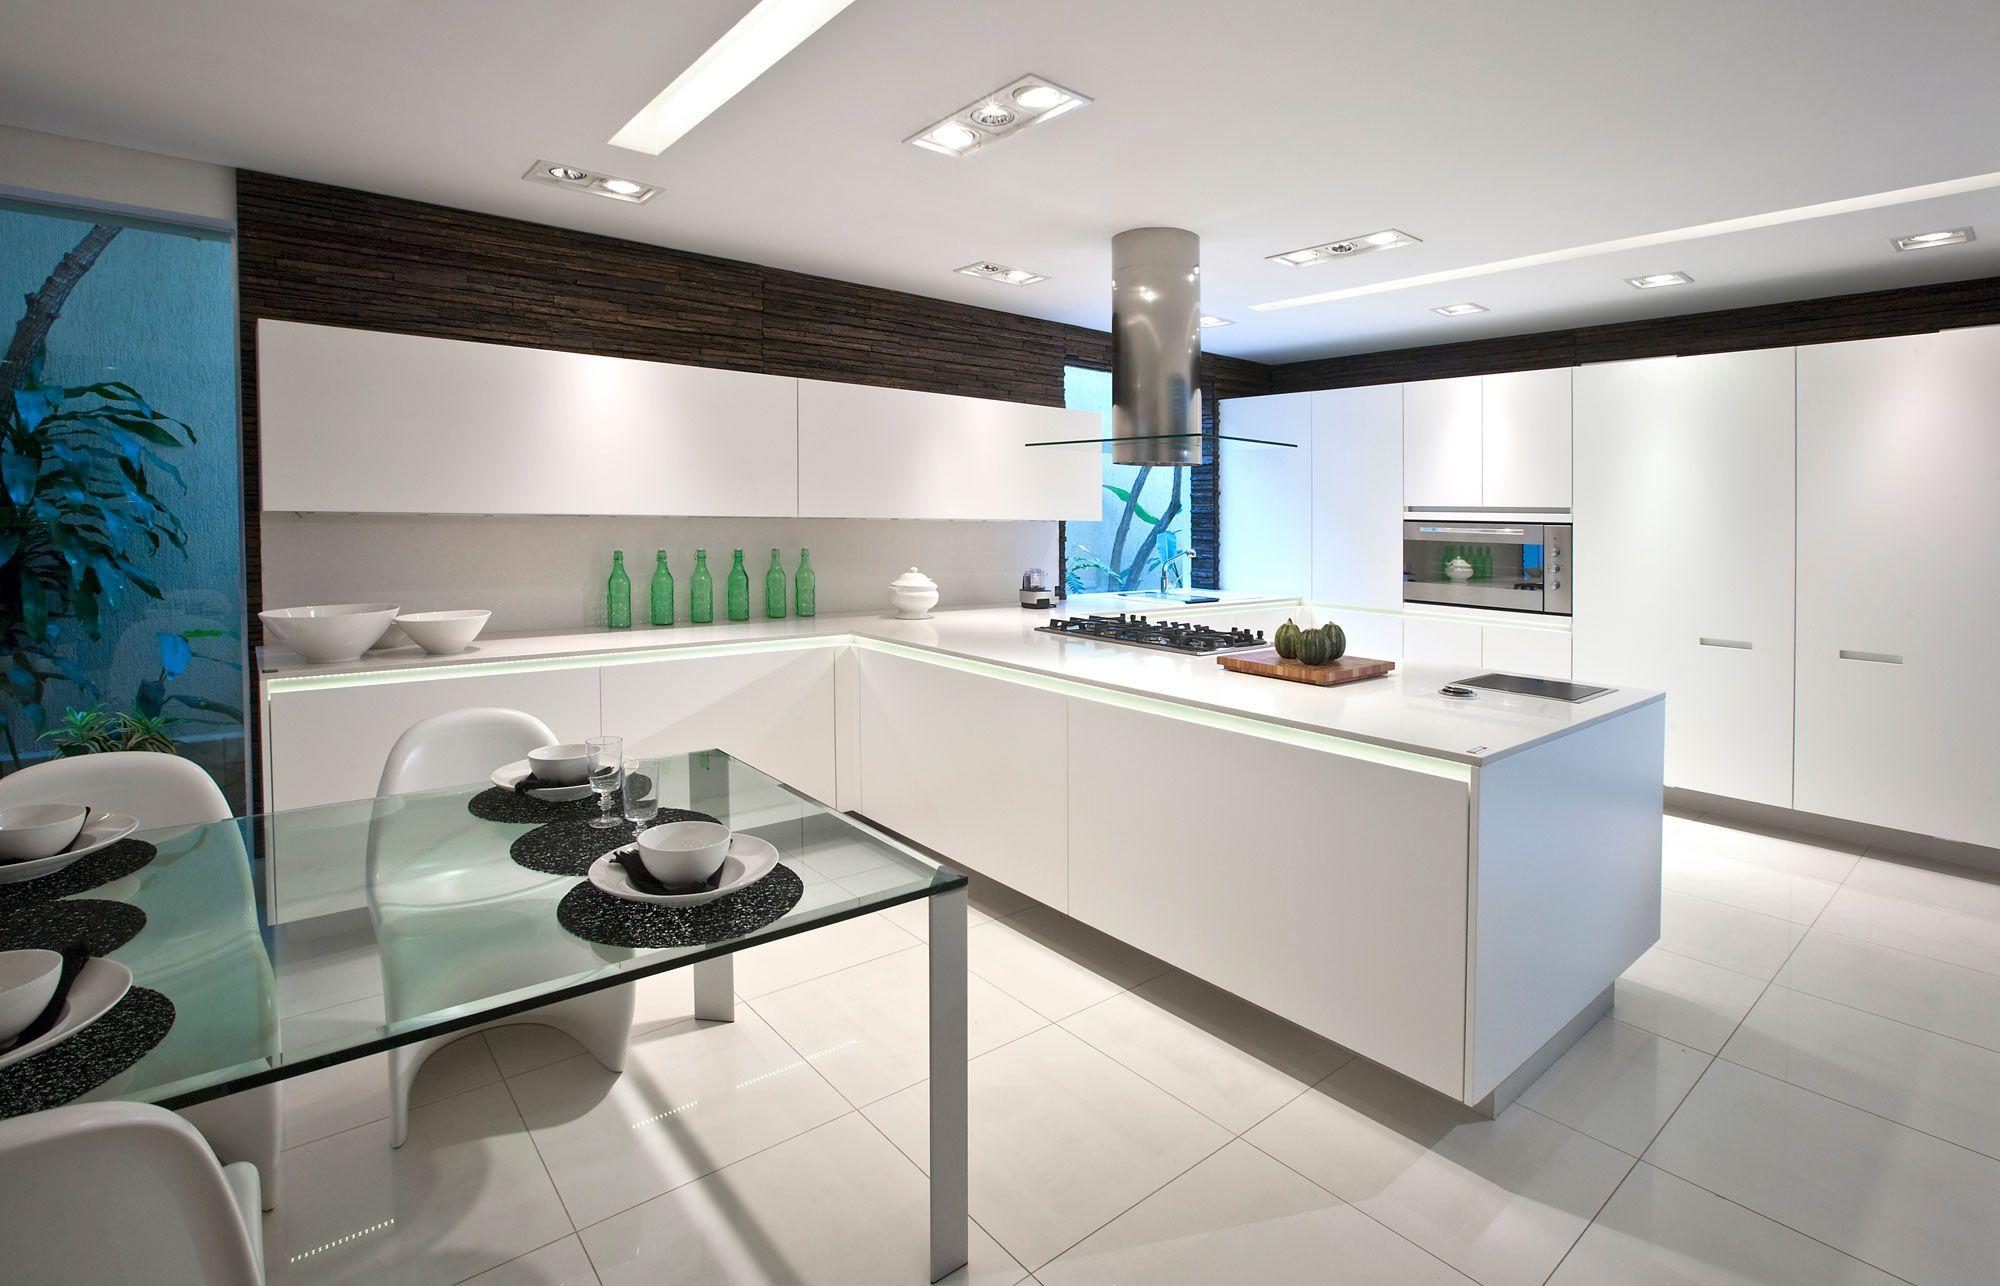 silestone quarz hat das aussehen und verhalten der granit aber eine viel festere farbe f r. Black Bedroom Furniture Sets. Home Design Ideas